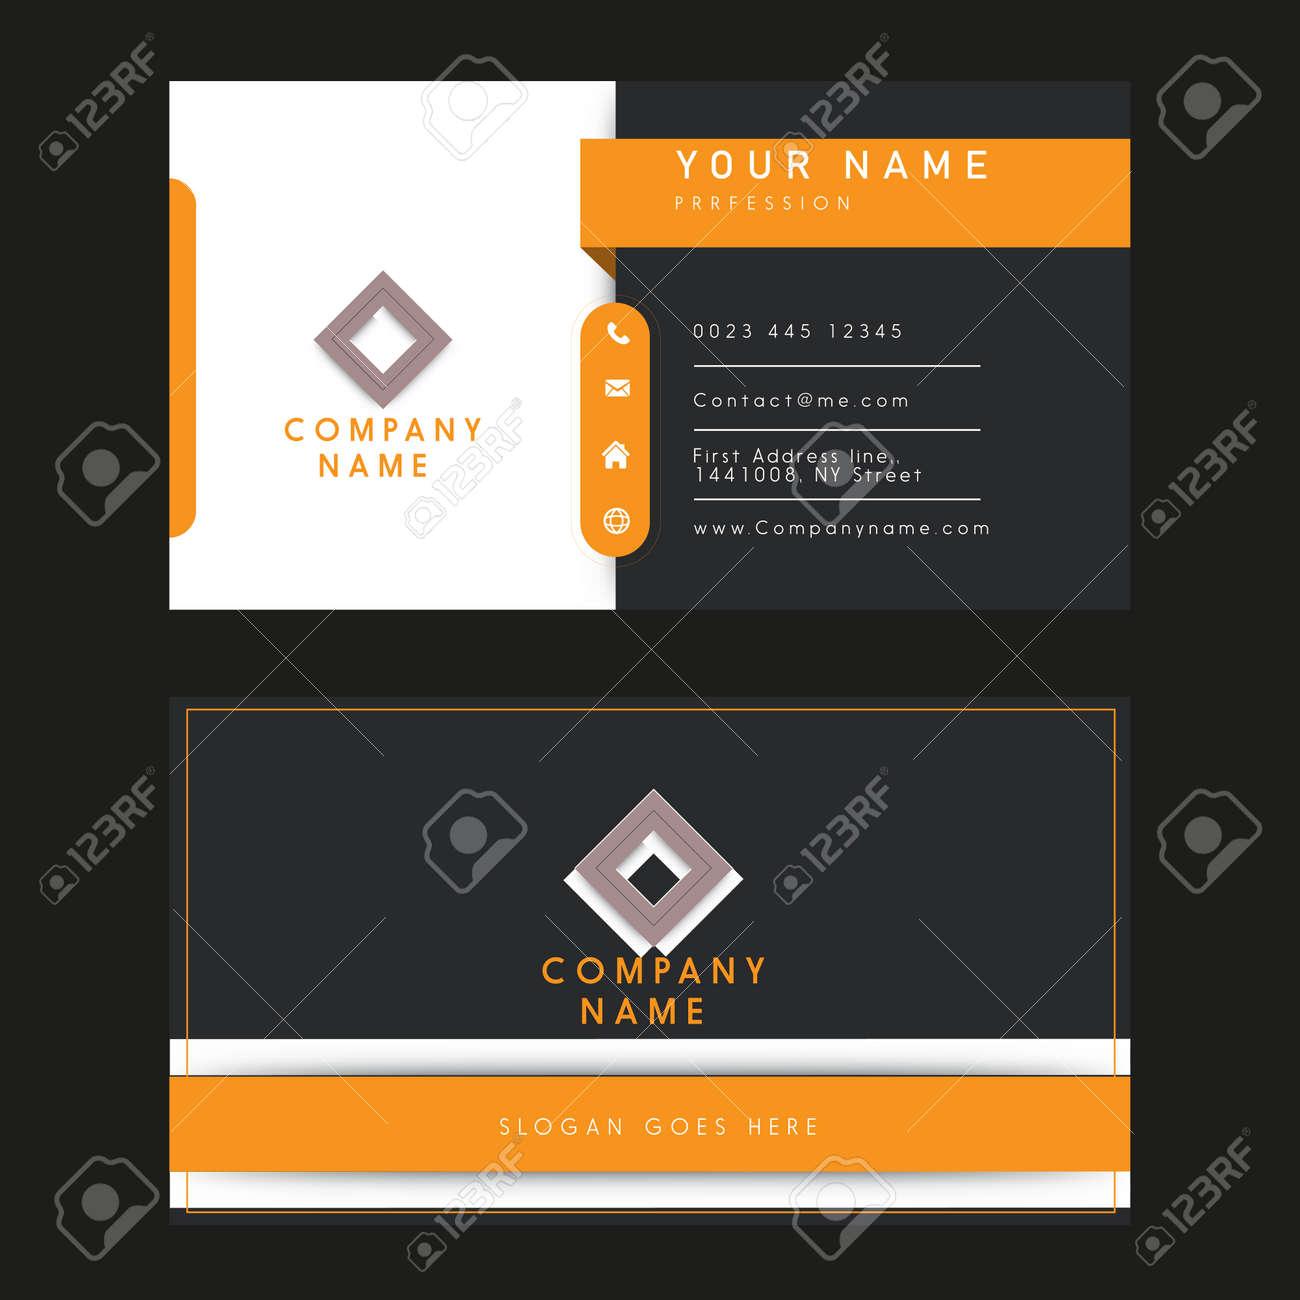 business name card illustration design - 155169275